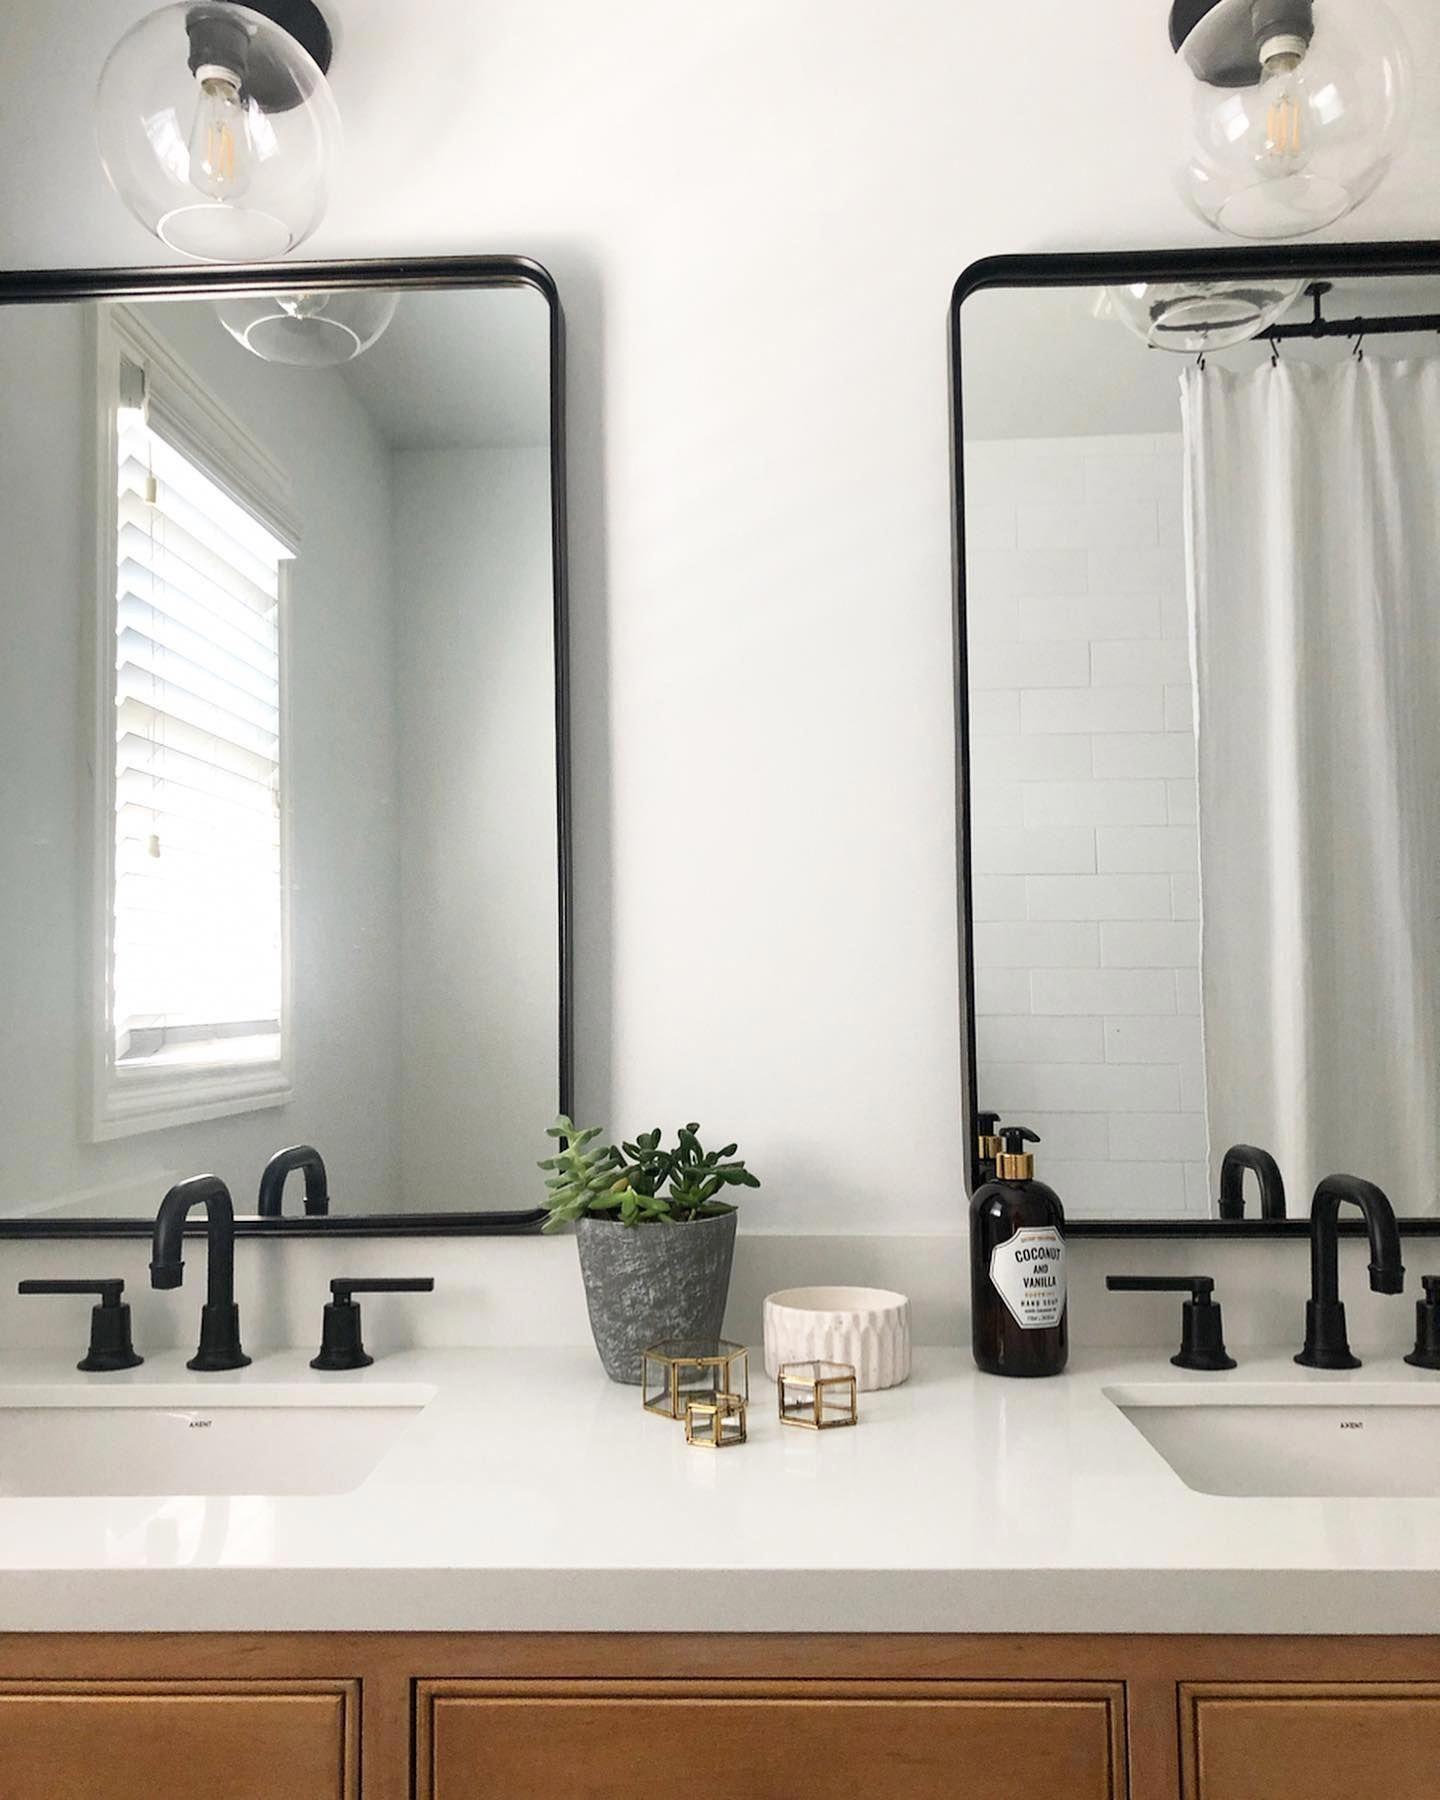 Halstad Framed Bathroom Mirror Framed Bathroom Mirror Bathroom Mirror Decorative Bathroom Mirrors [ 1800 x 1440 Pixel ]